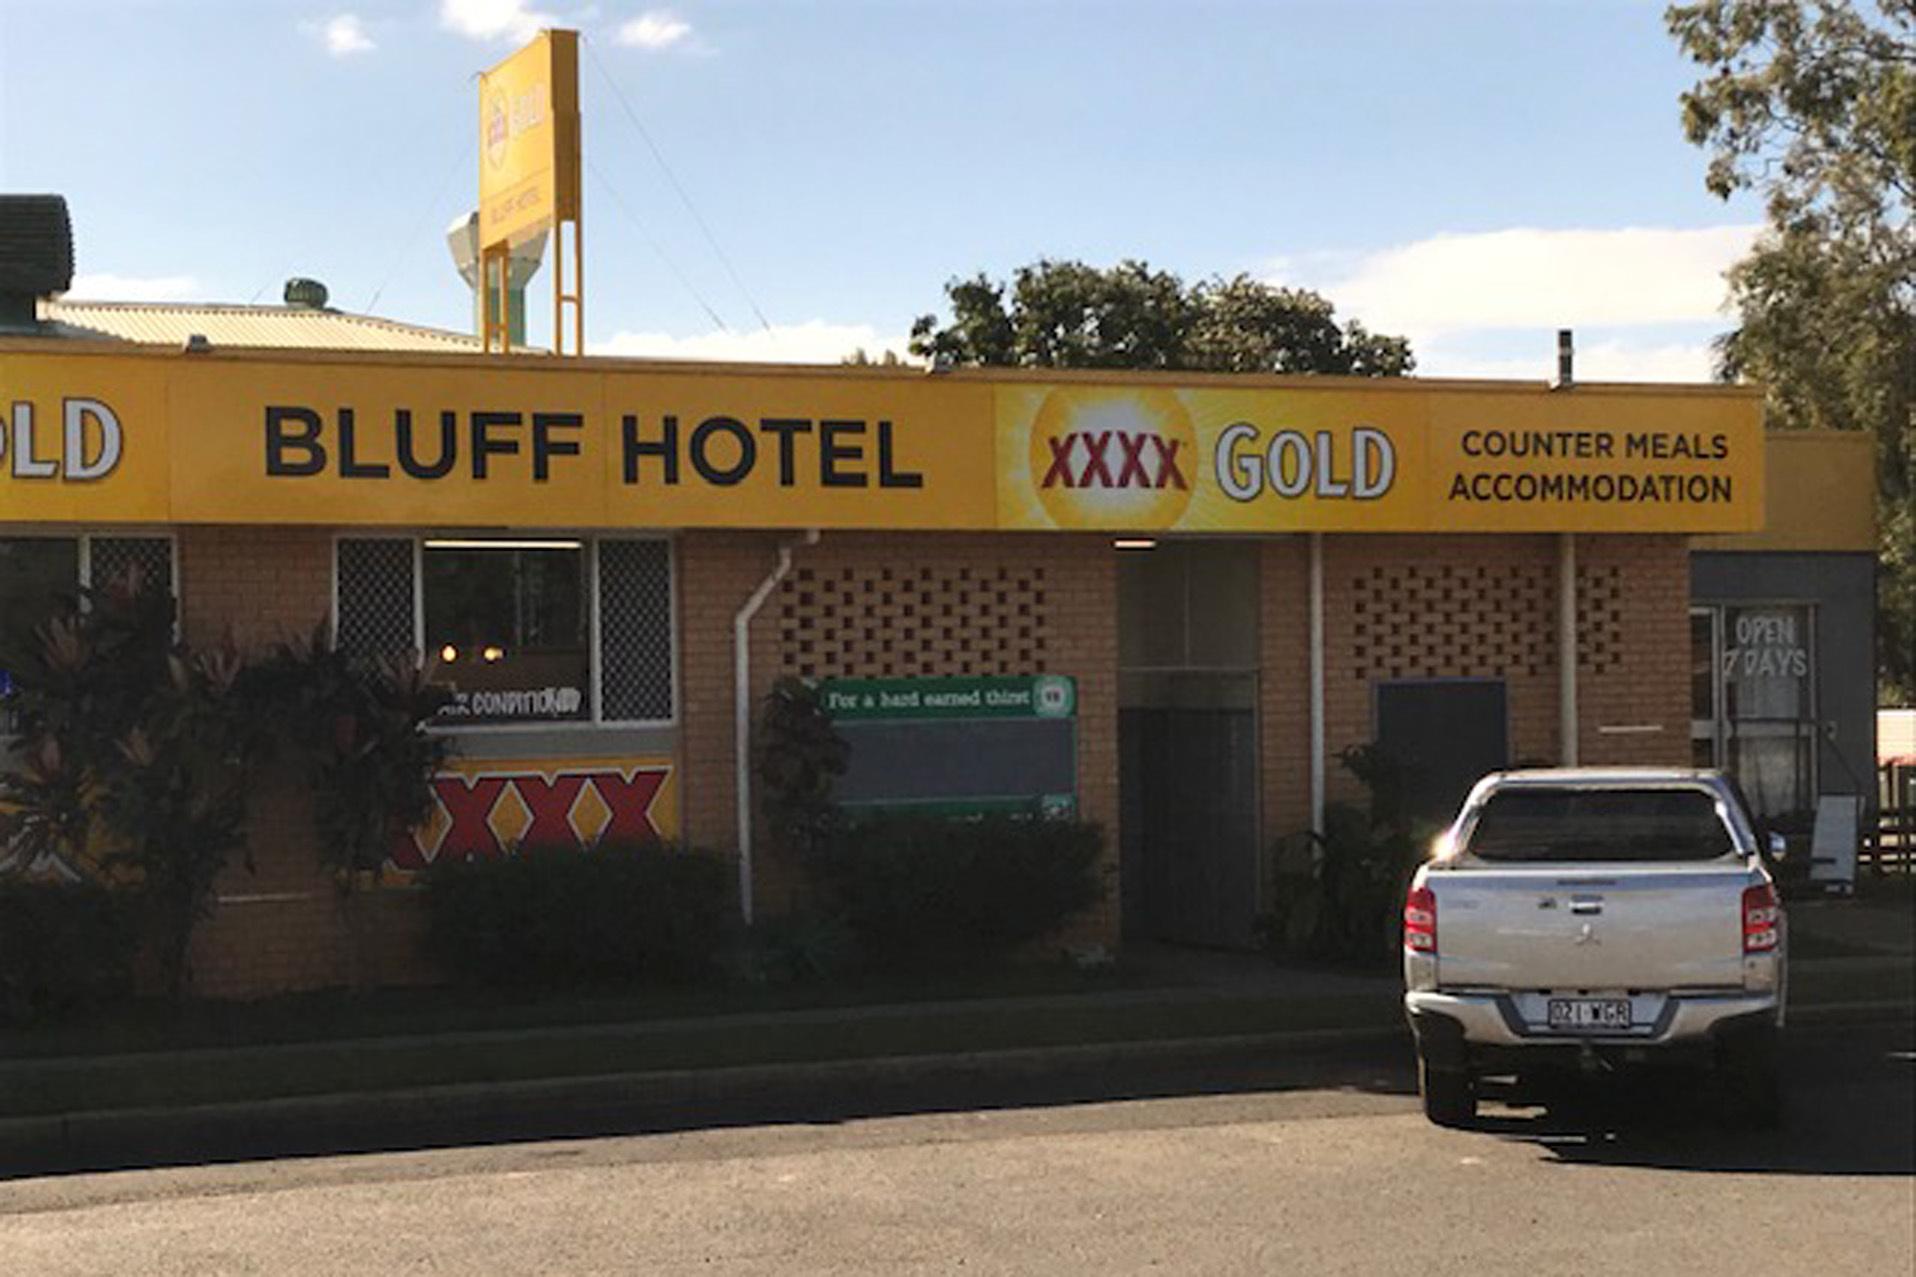 m - Bluff Hotel